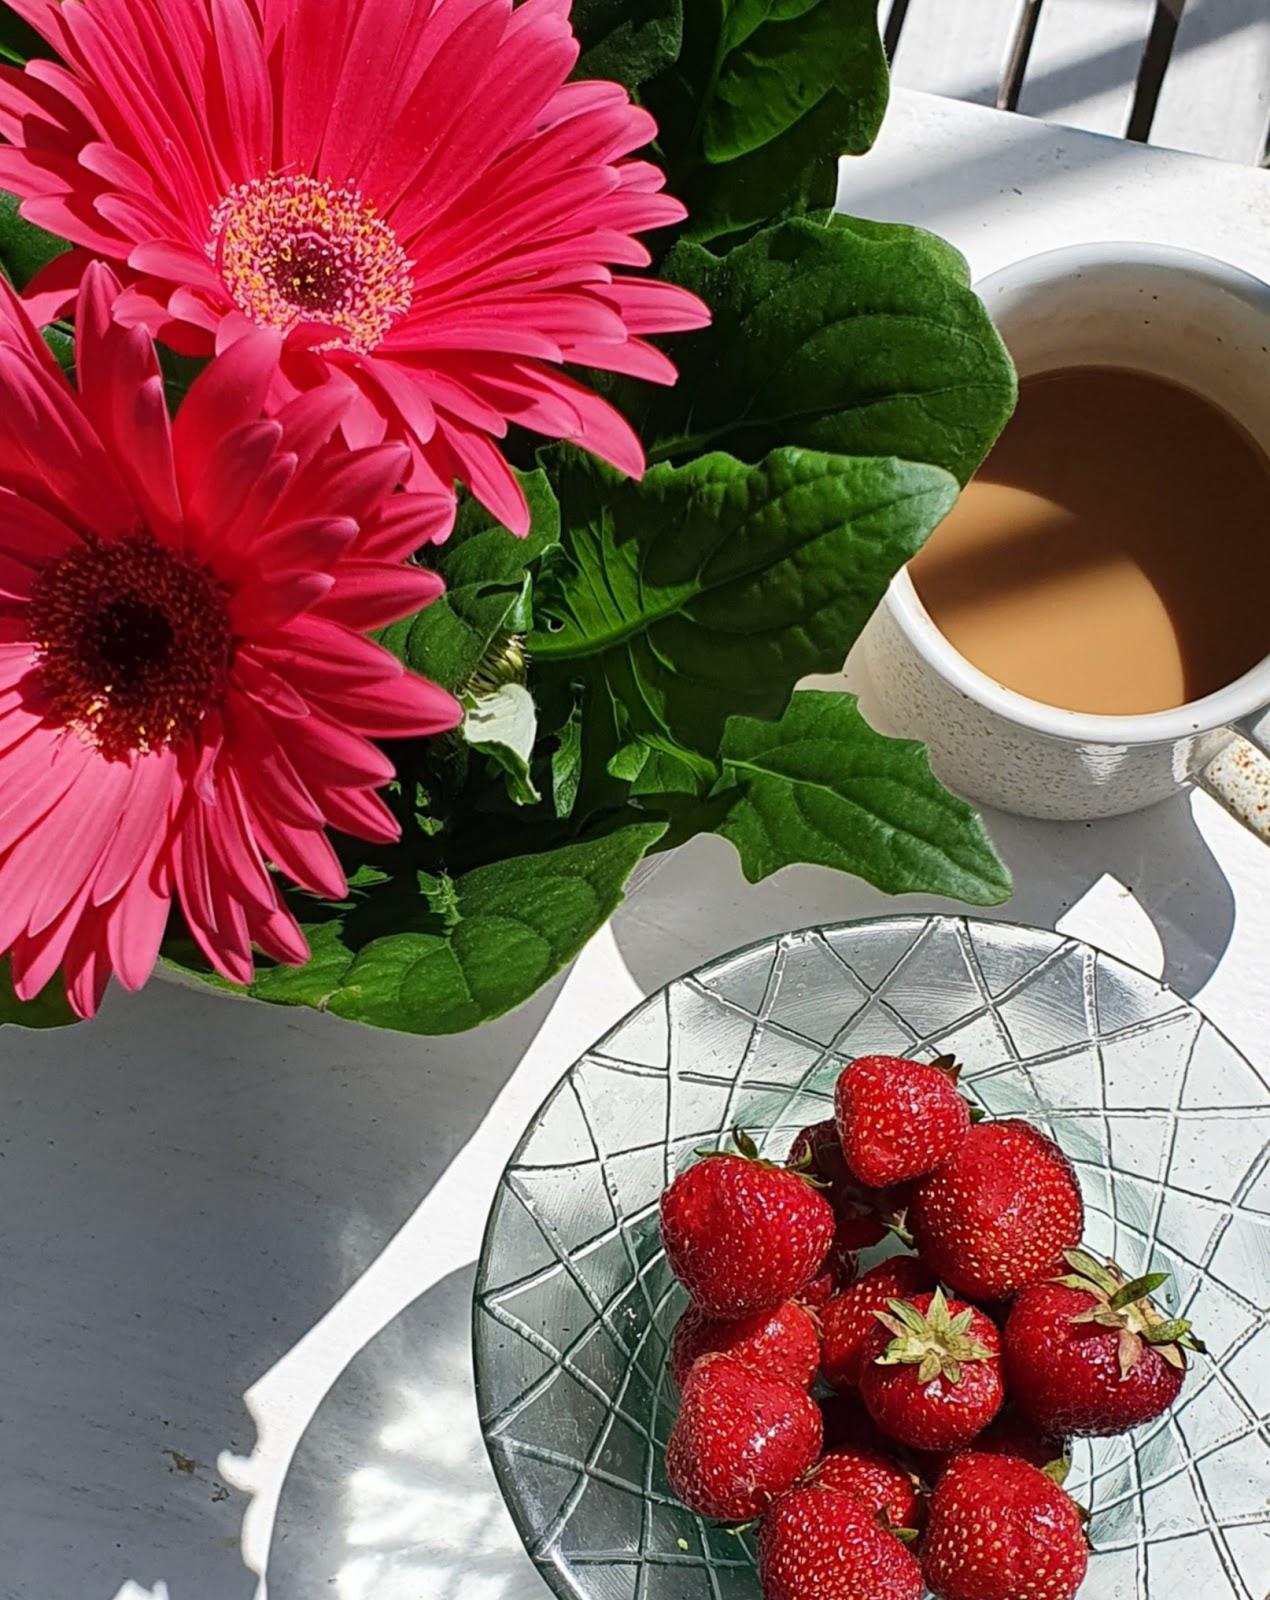 pinkki kukka ja mansikoita astiassa